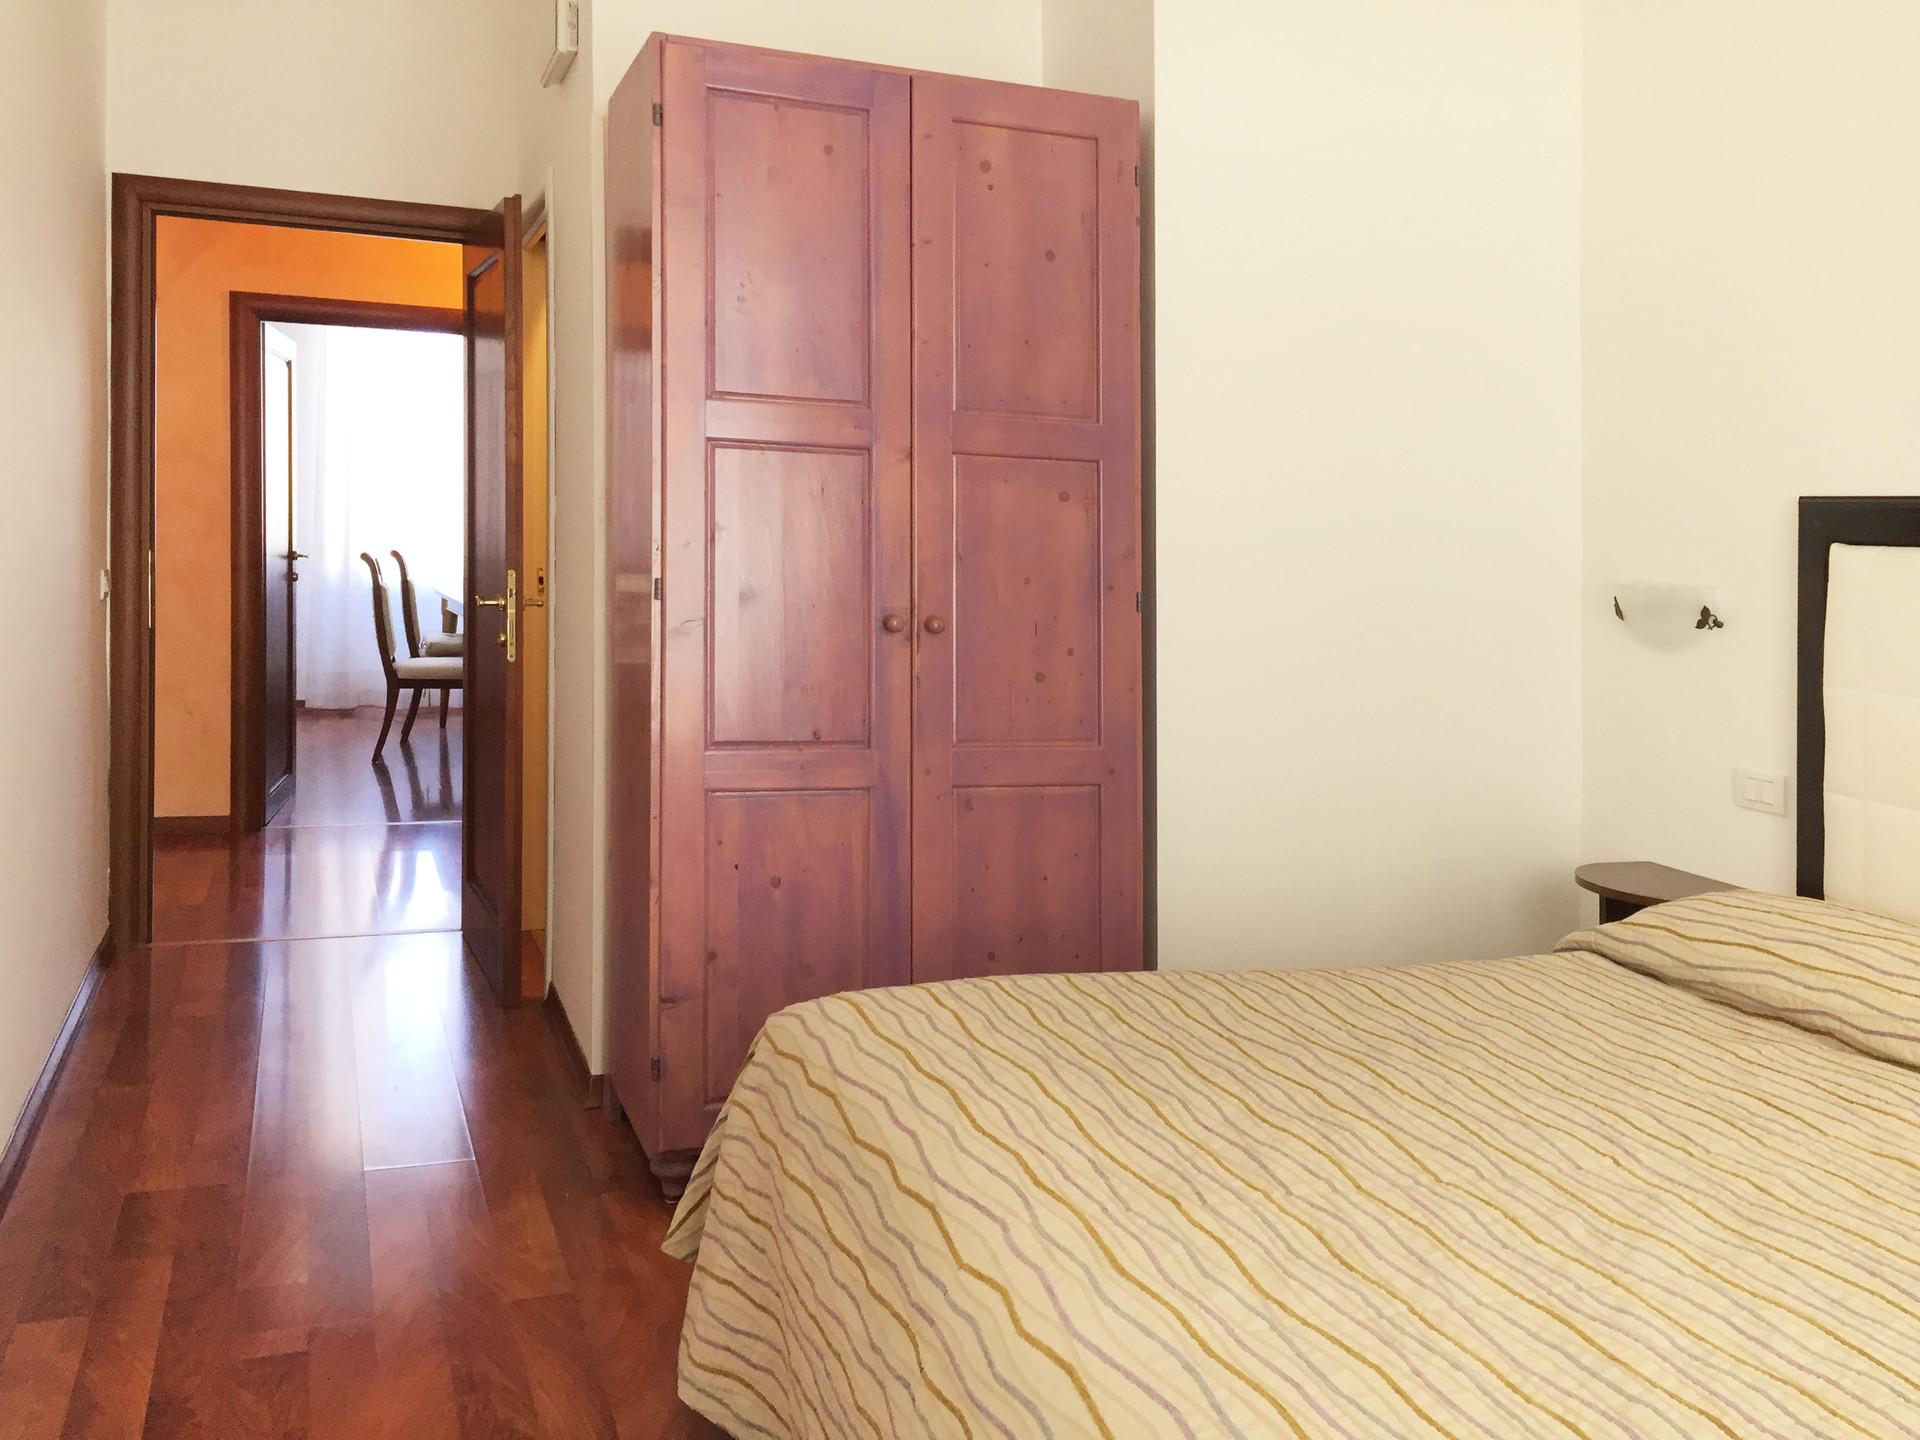 camere stupende con bagno privato anche coppie beautiful rooms